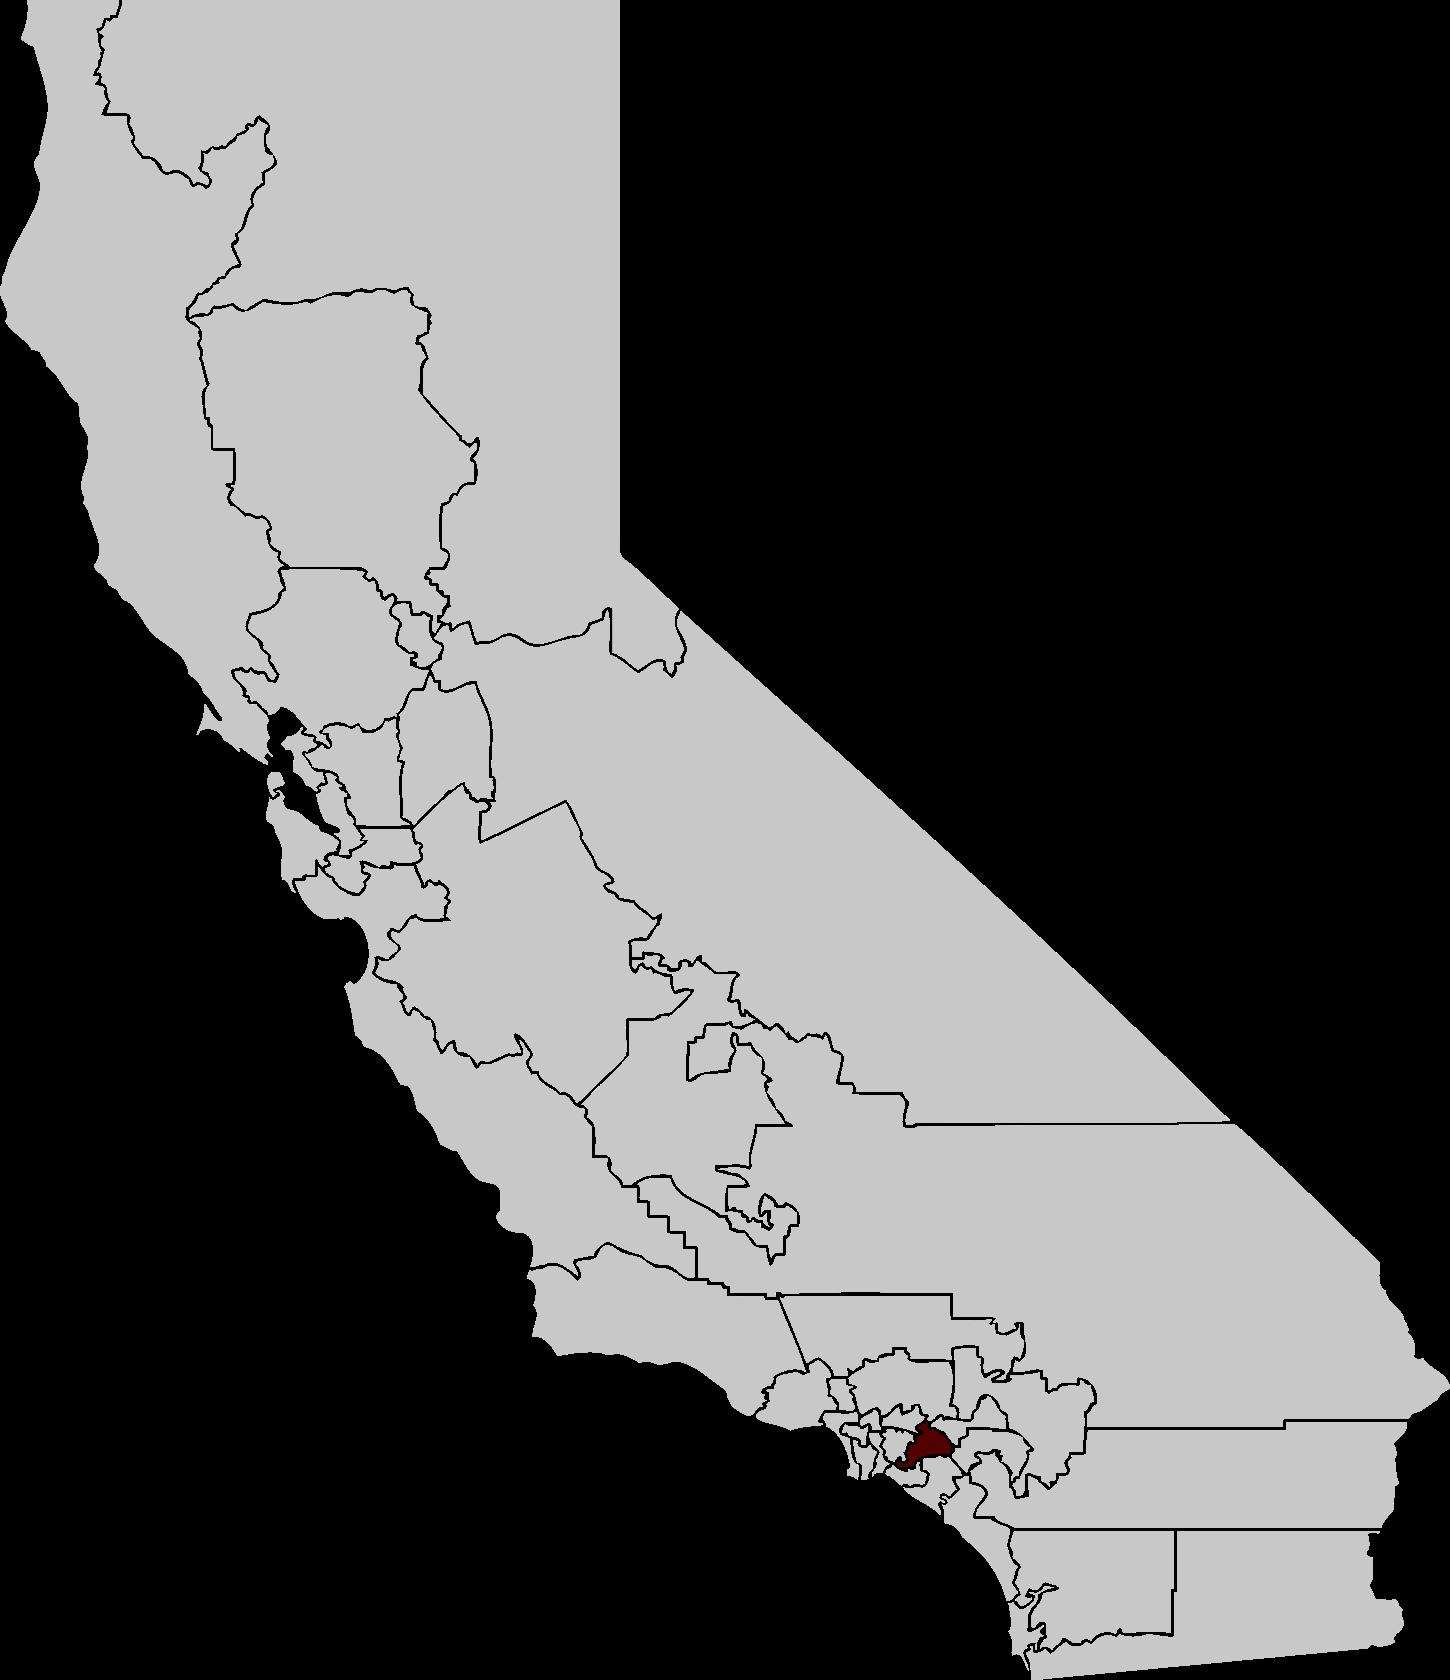 California Map Image 165 Transparentpng